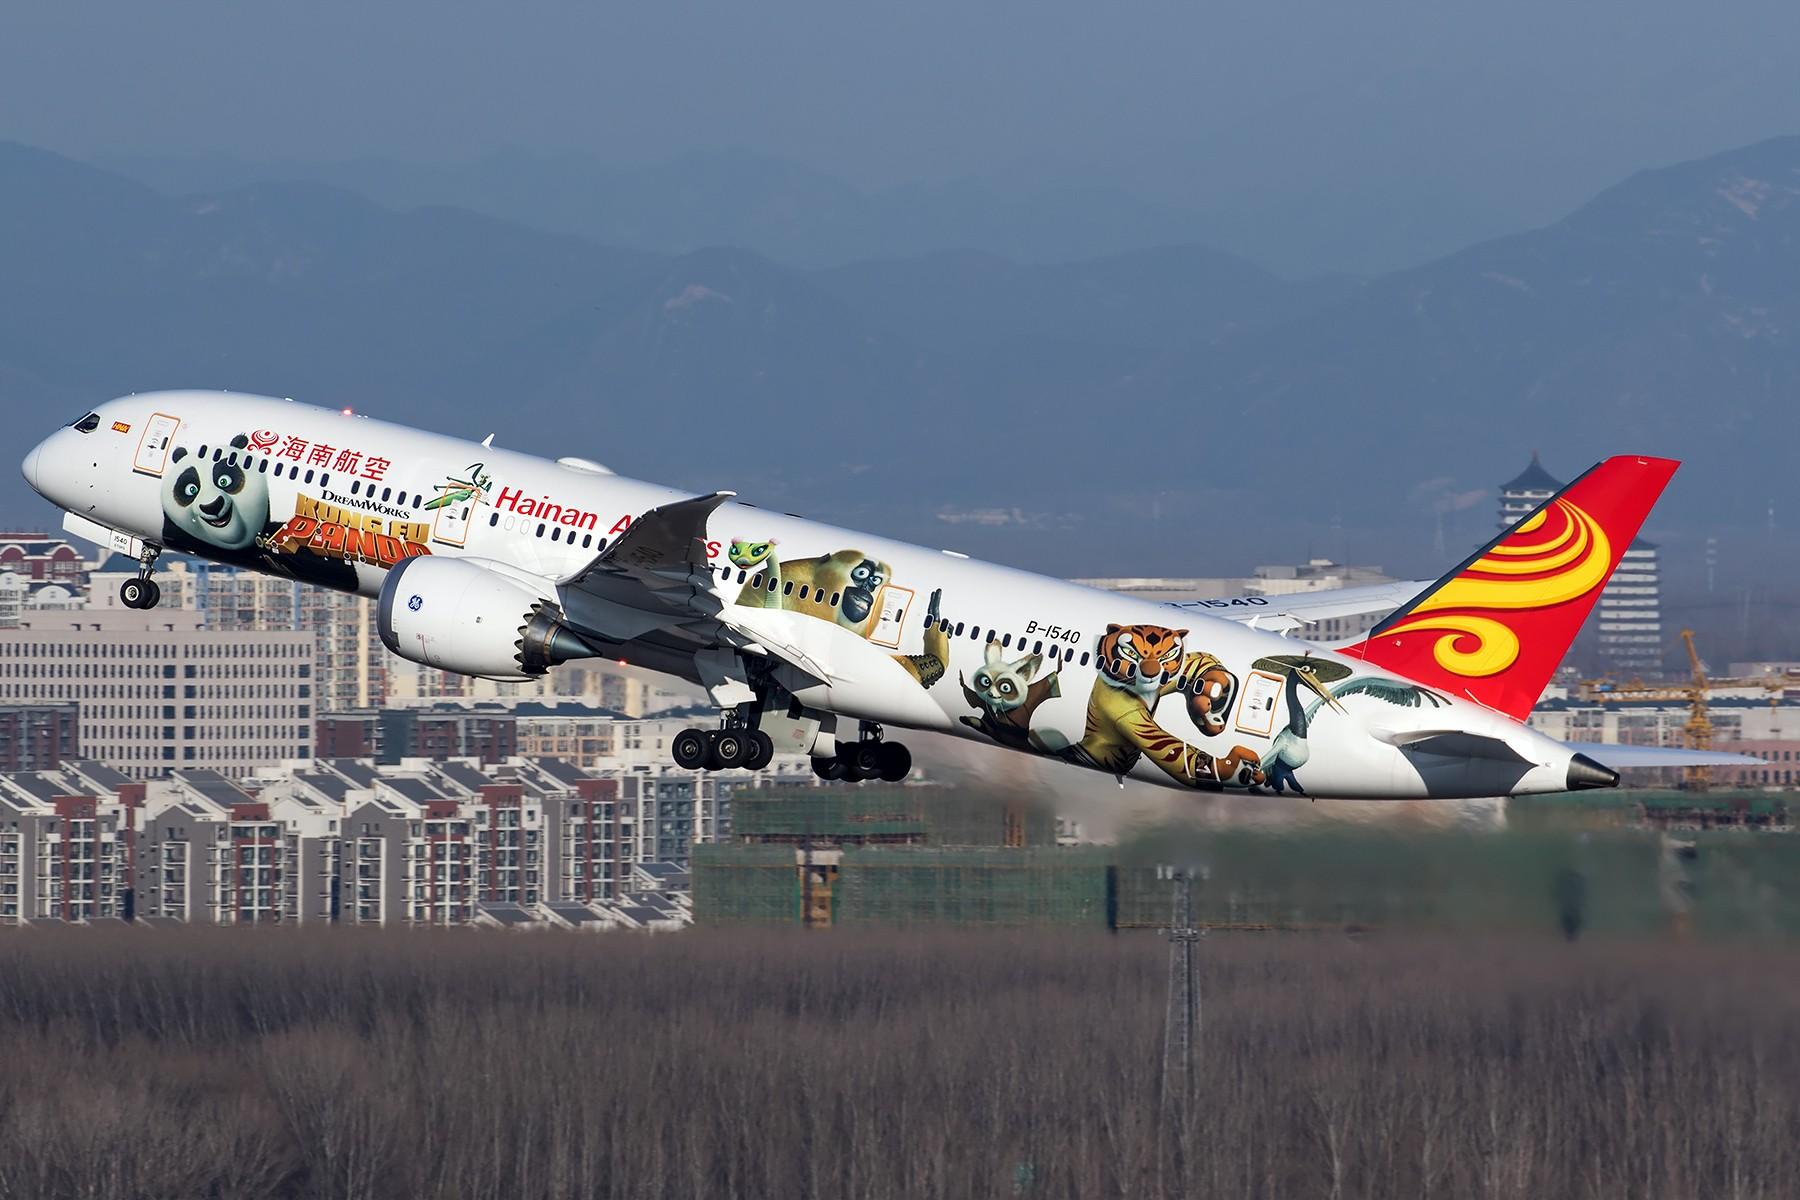 [原创]**一图党**飞天阿宝~~海航功夫熊猫彩绘787-9 BOEING 787-9 B-1540 中国北京首都国际机场